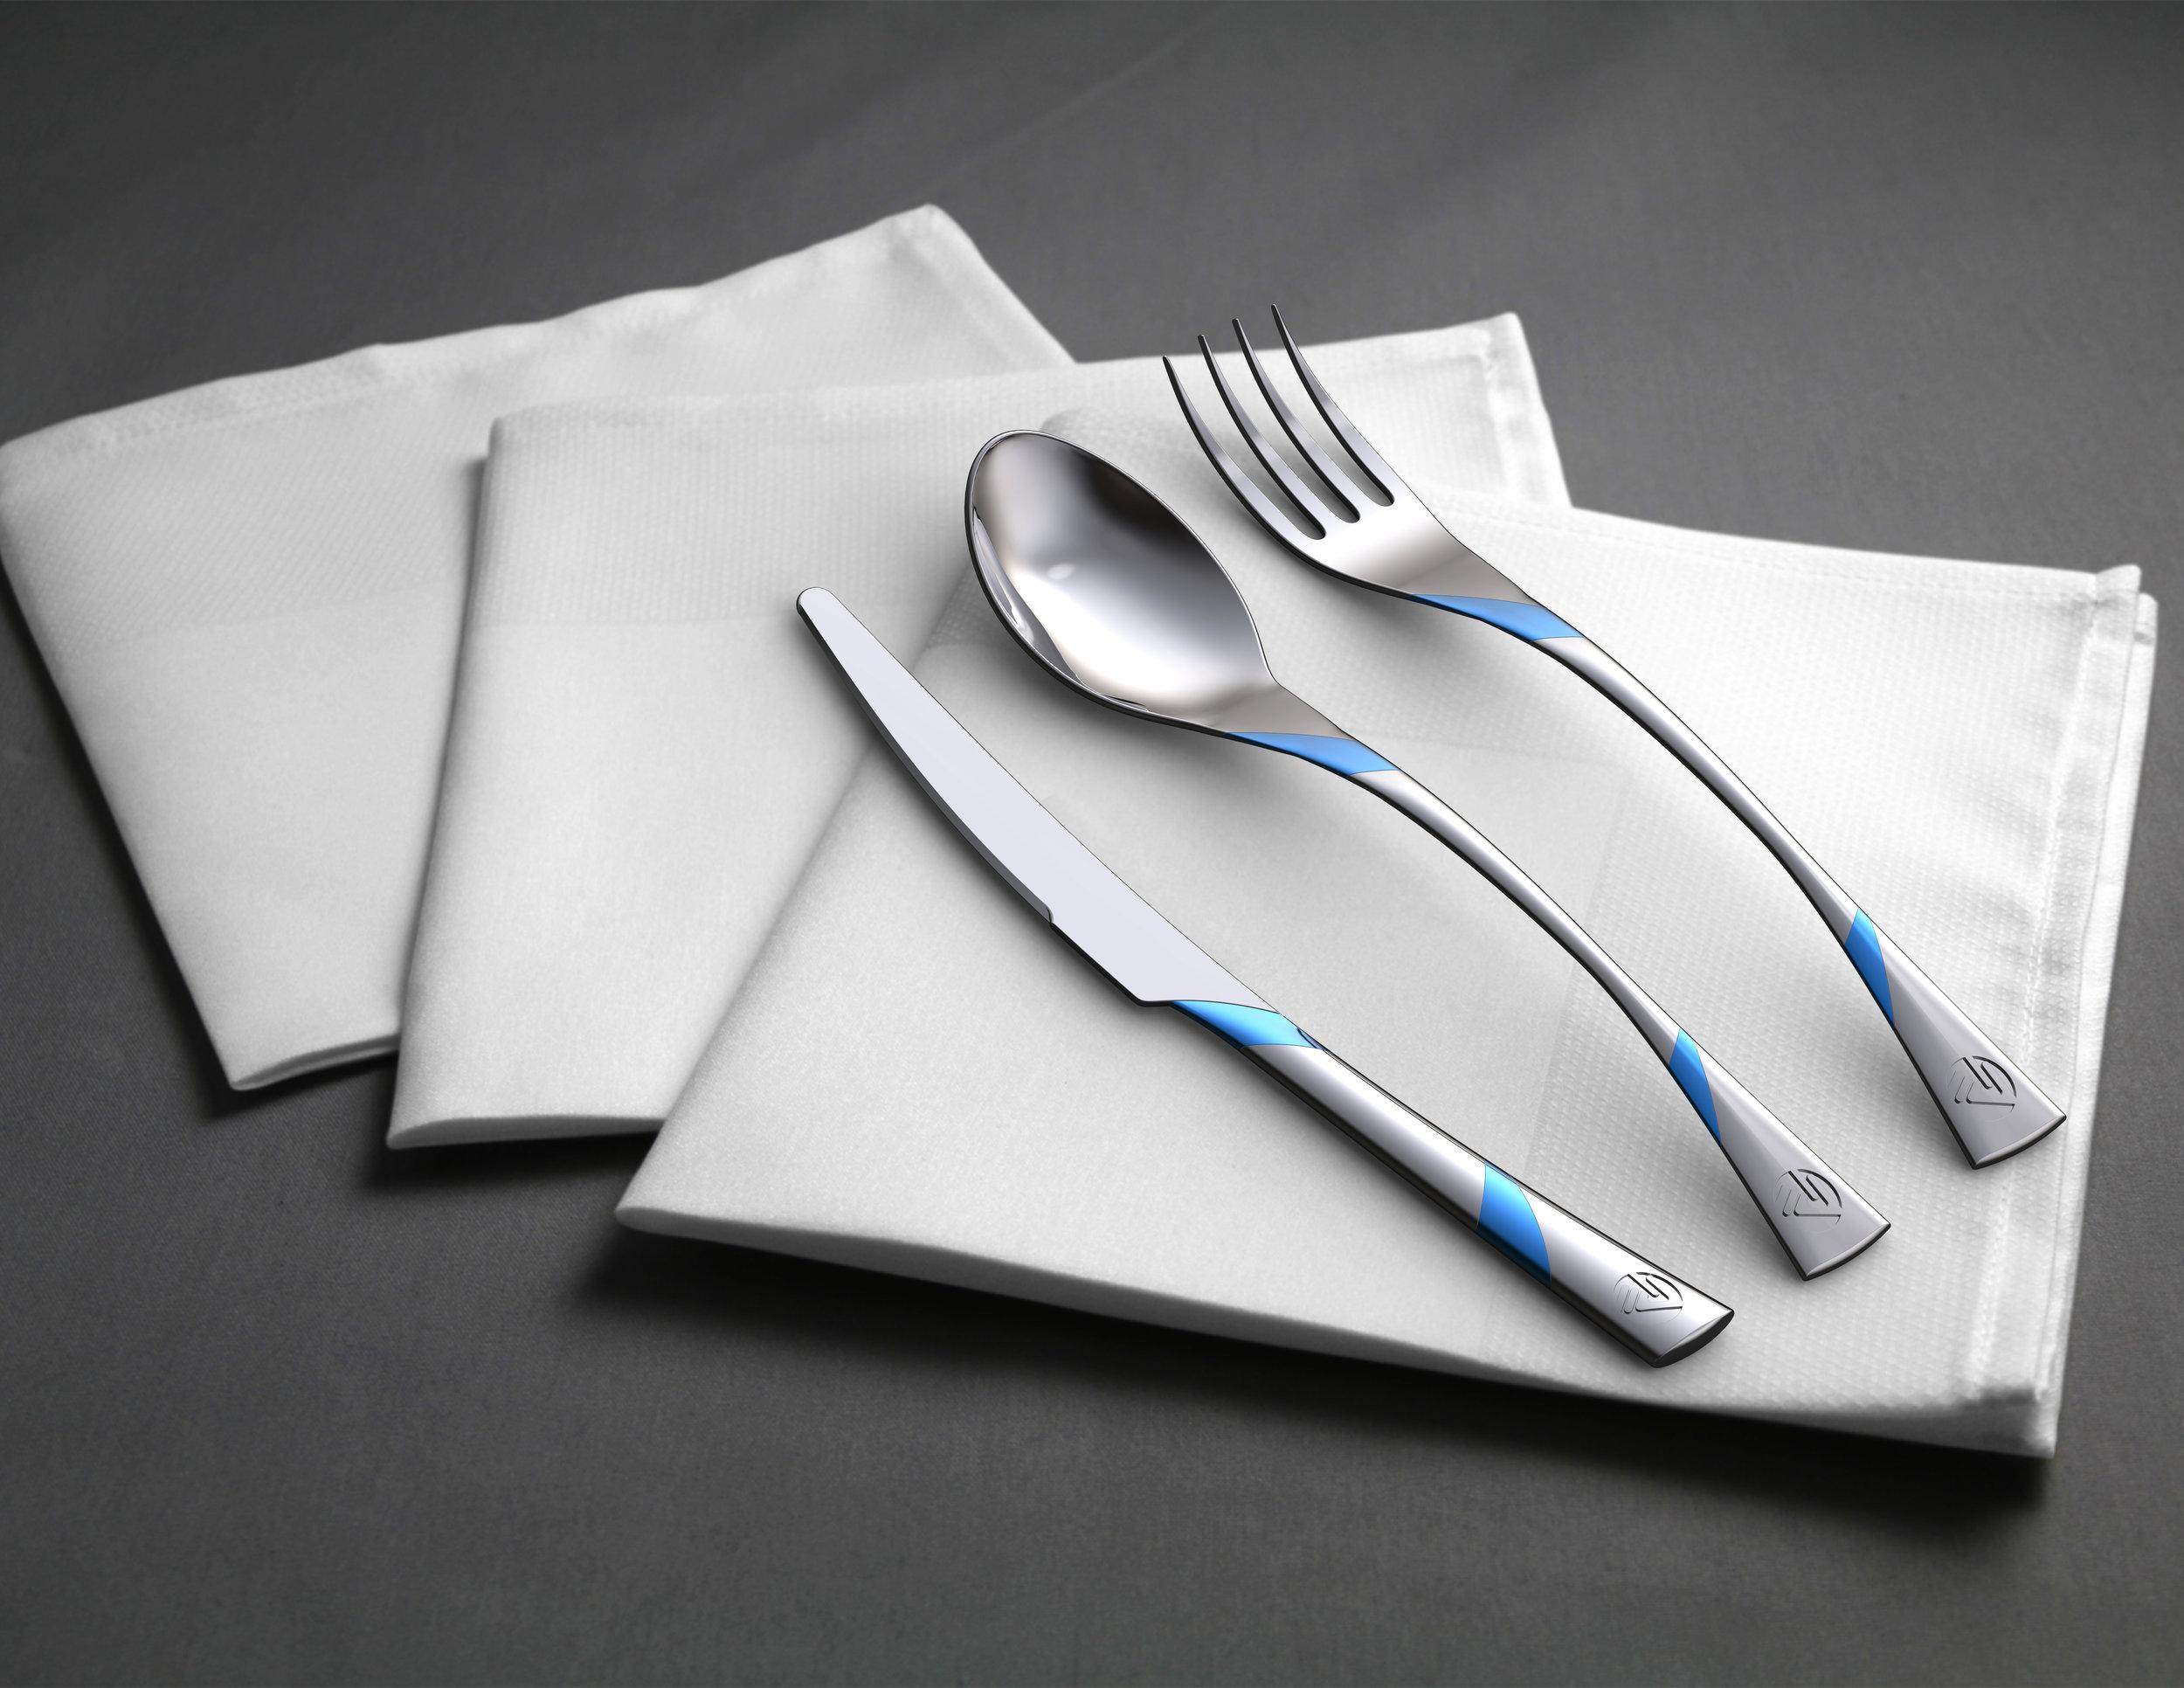 Cutlery on napkin.jpg